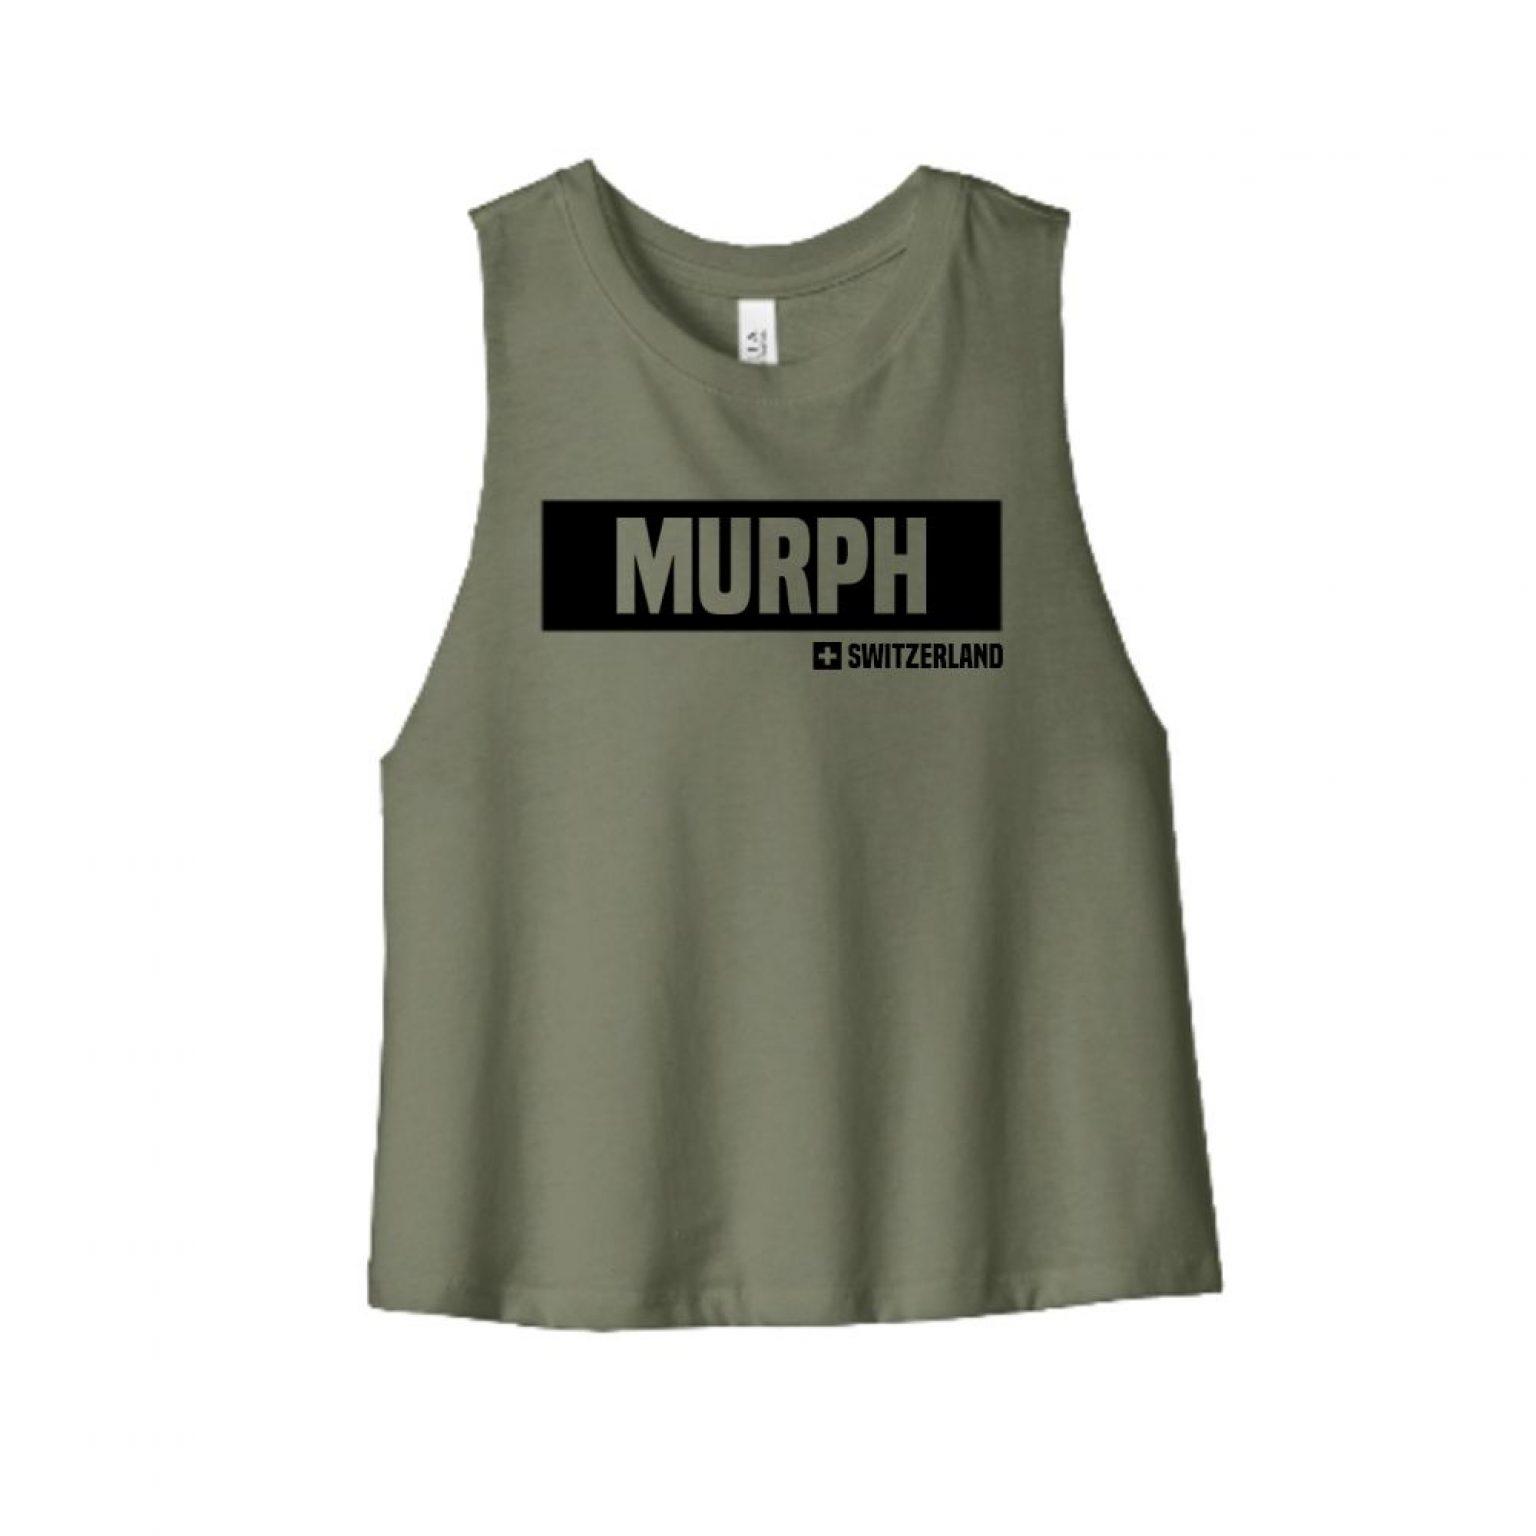 murph female